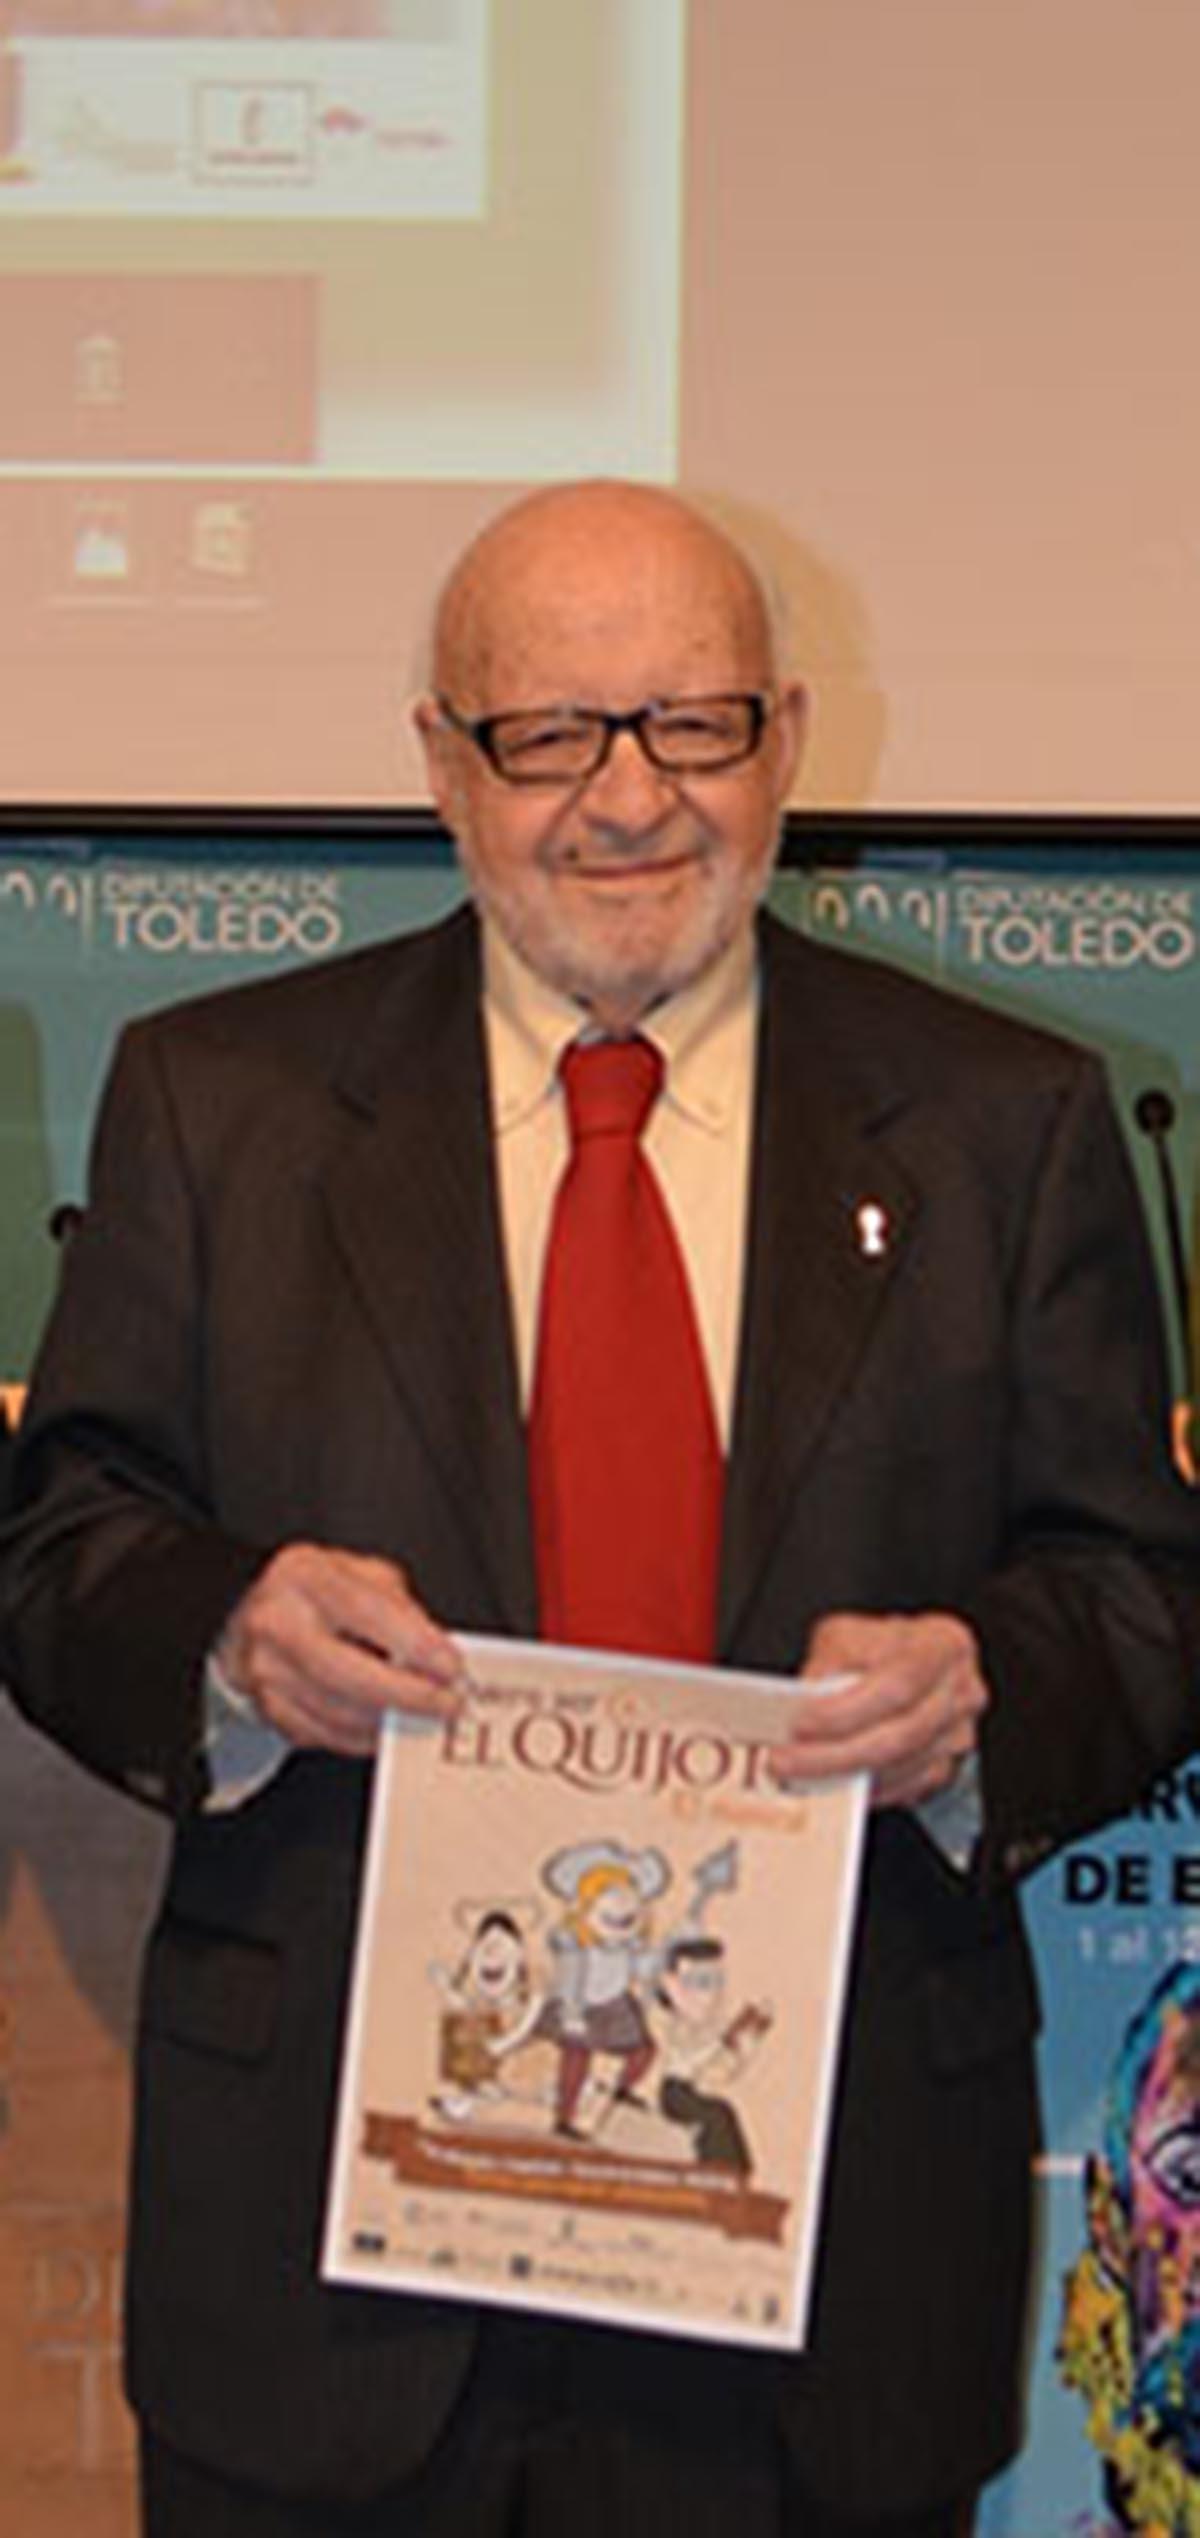 José Rosell, gran cervantista